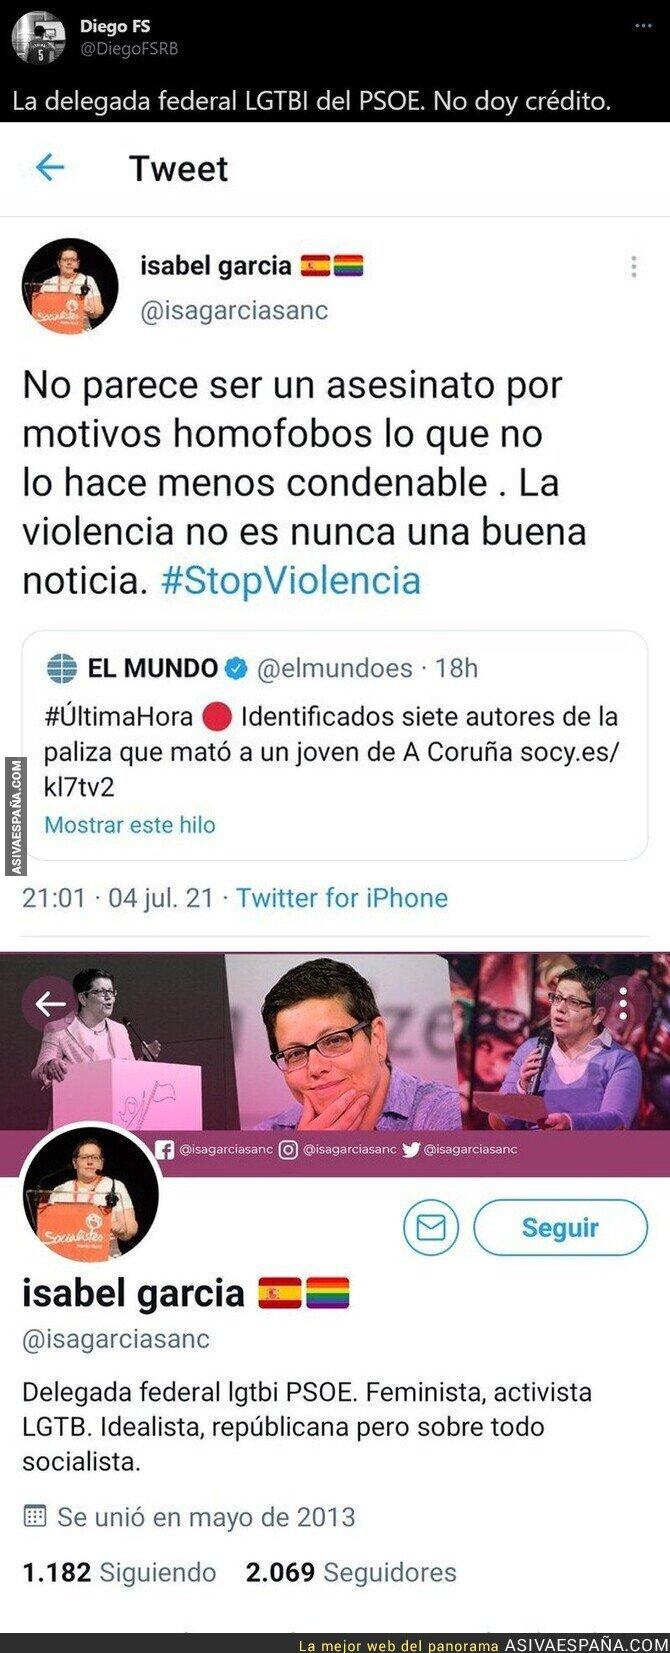 822993 - El lamentable mensaje sobre el asesinato de Samuel de la delegada LGTBI del PSOE que ha tenido que borrar